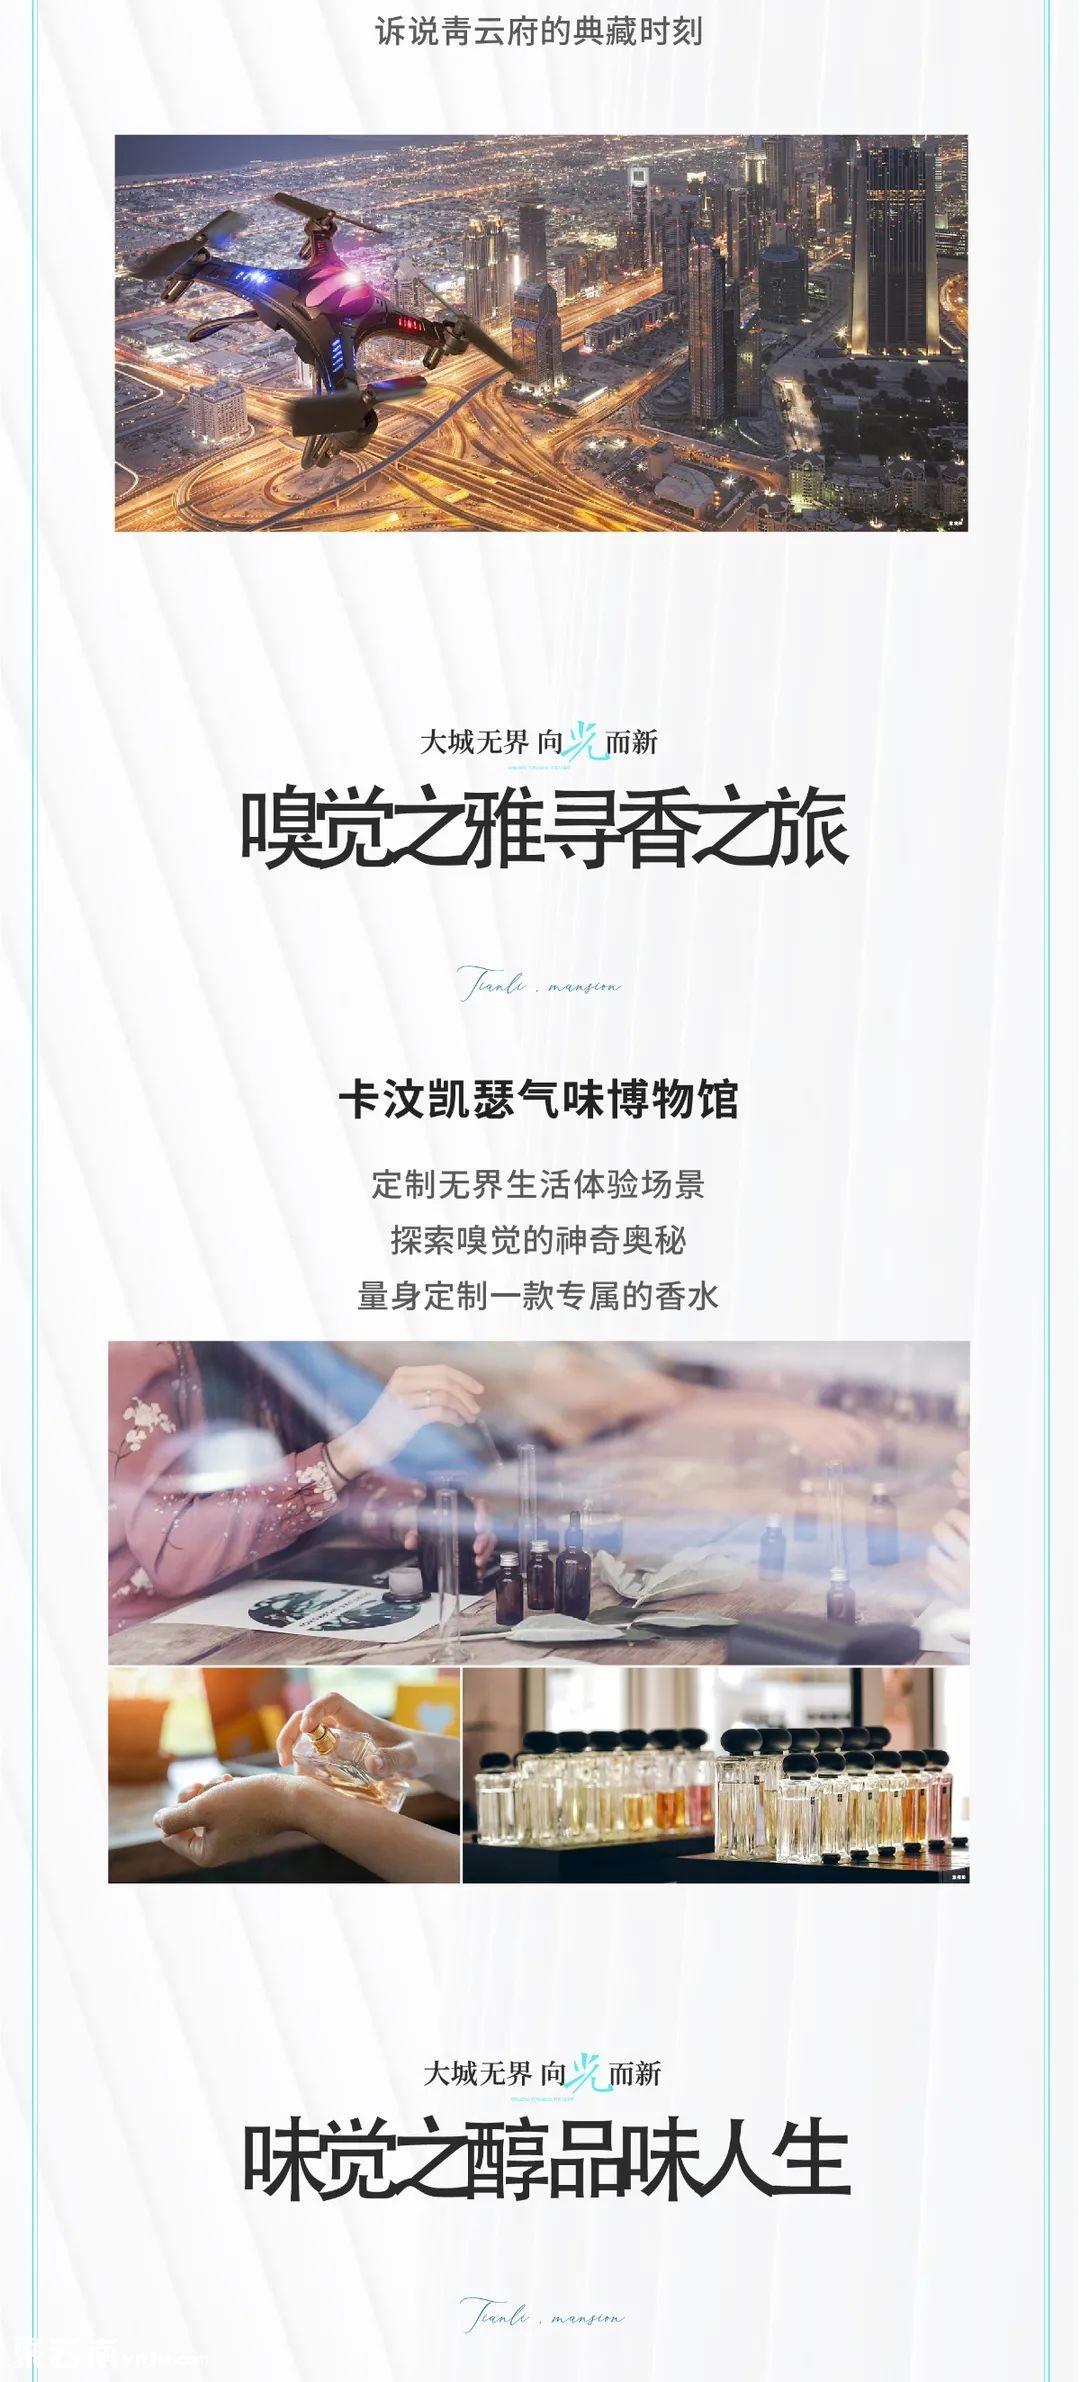 7月31日 蒙自天立·青云府品牌发布会&无人机光影盛典